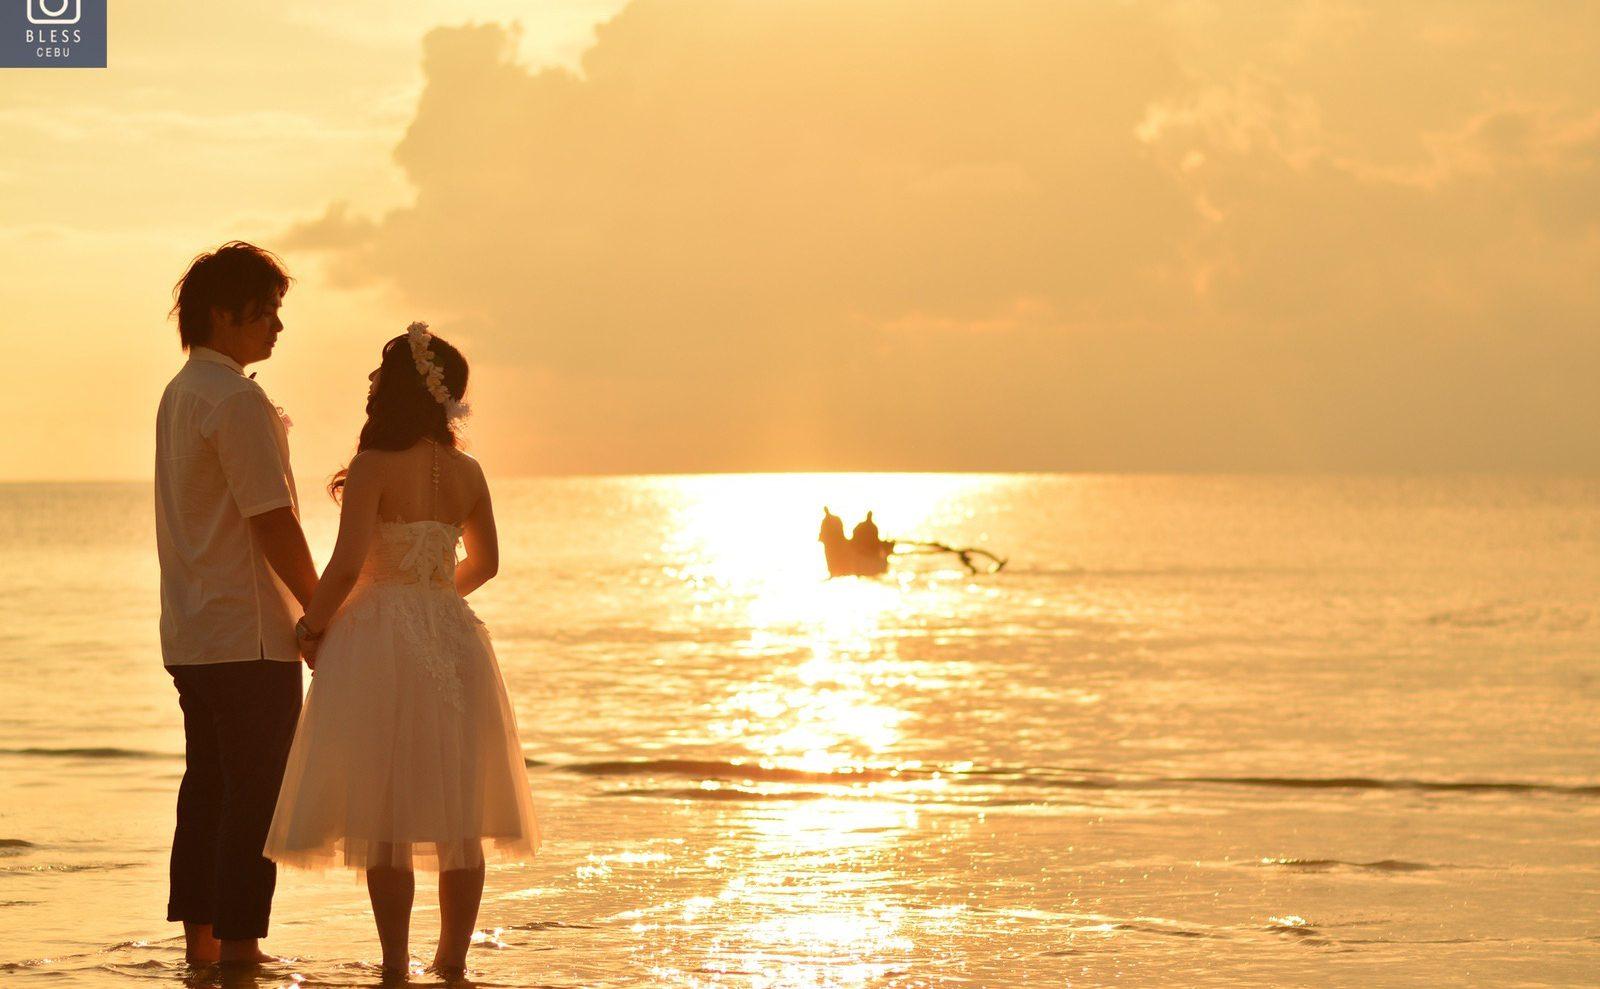 【お客様レポ#196】ベノアビーチ&ジンバランビーチでたっぷり撮影 H&T様